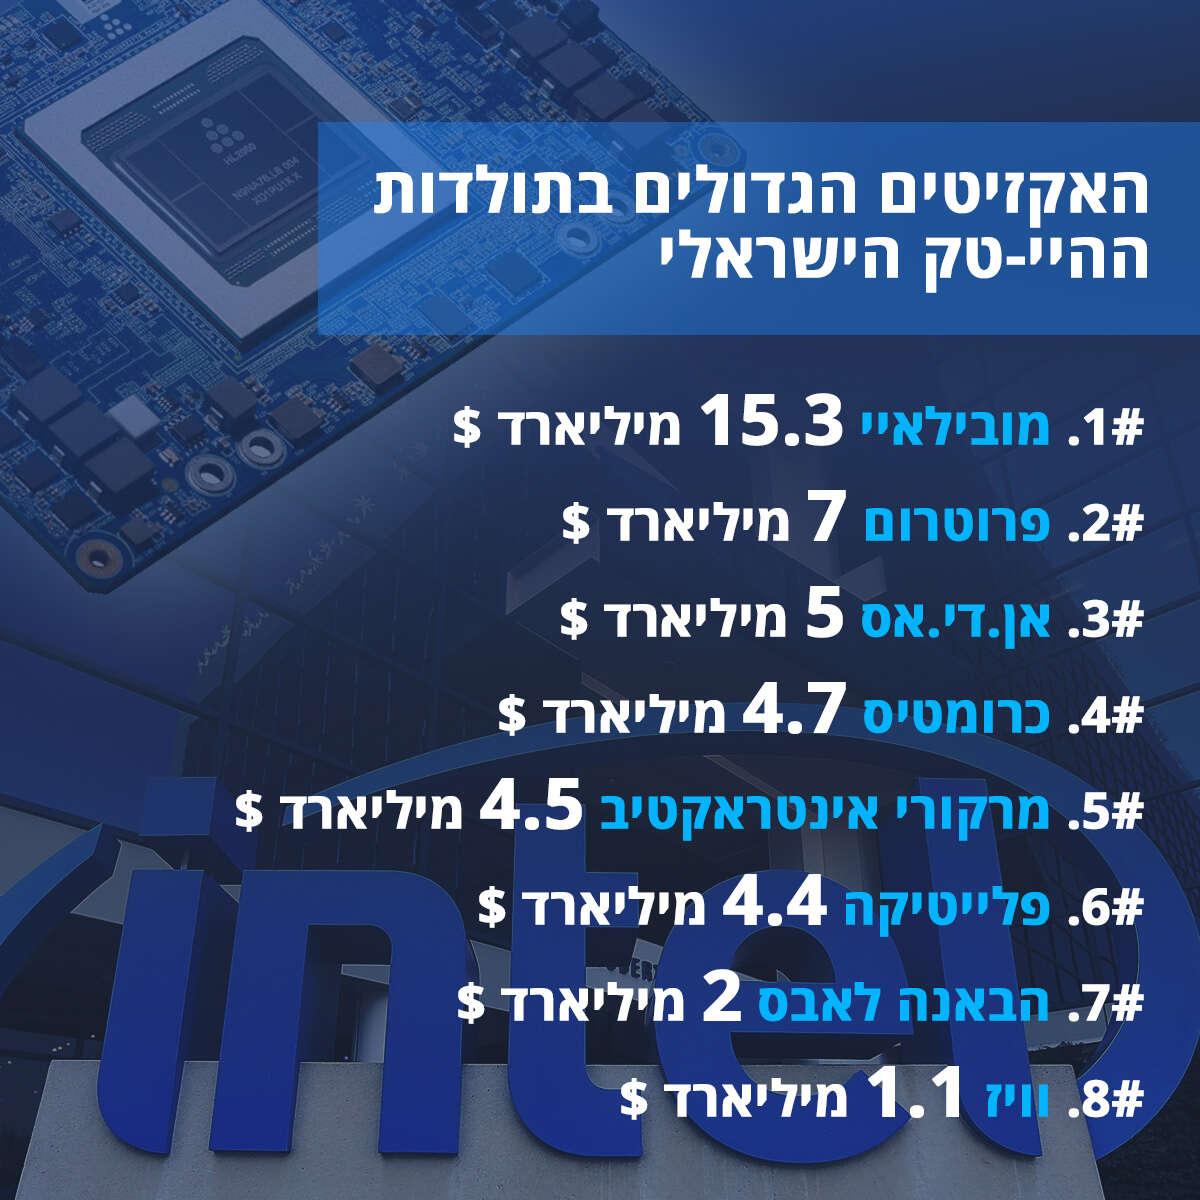 """אקזיט ענק בהייטק הישראלי: אינטל רכשה את חברת """"הבאנה לאבס"""" בשני מיליארד דולר Getty_info-exzit"""